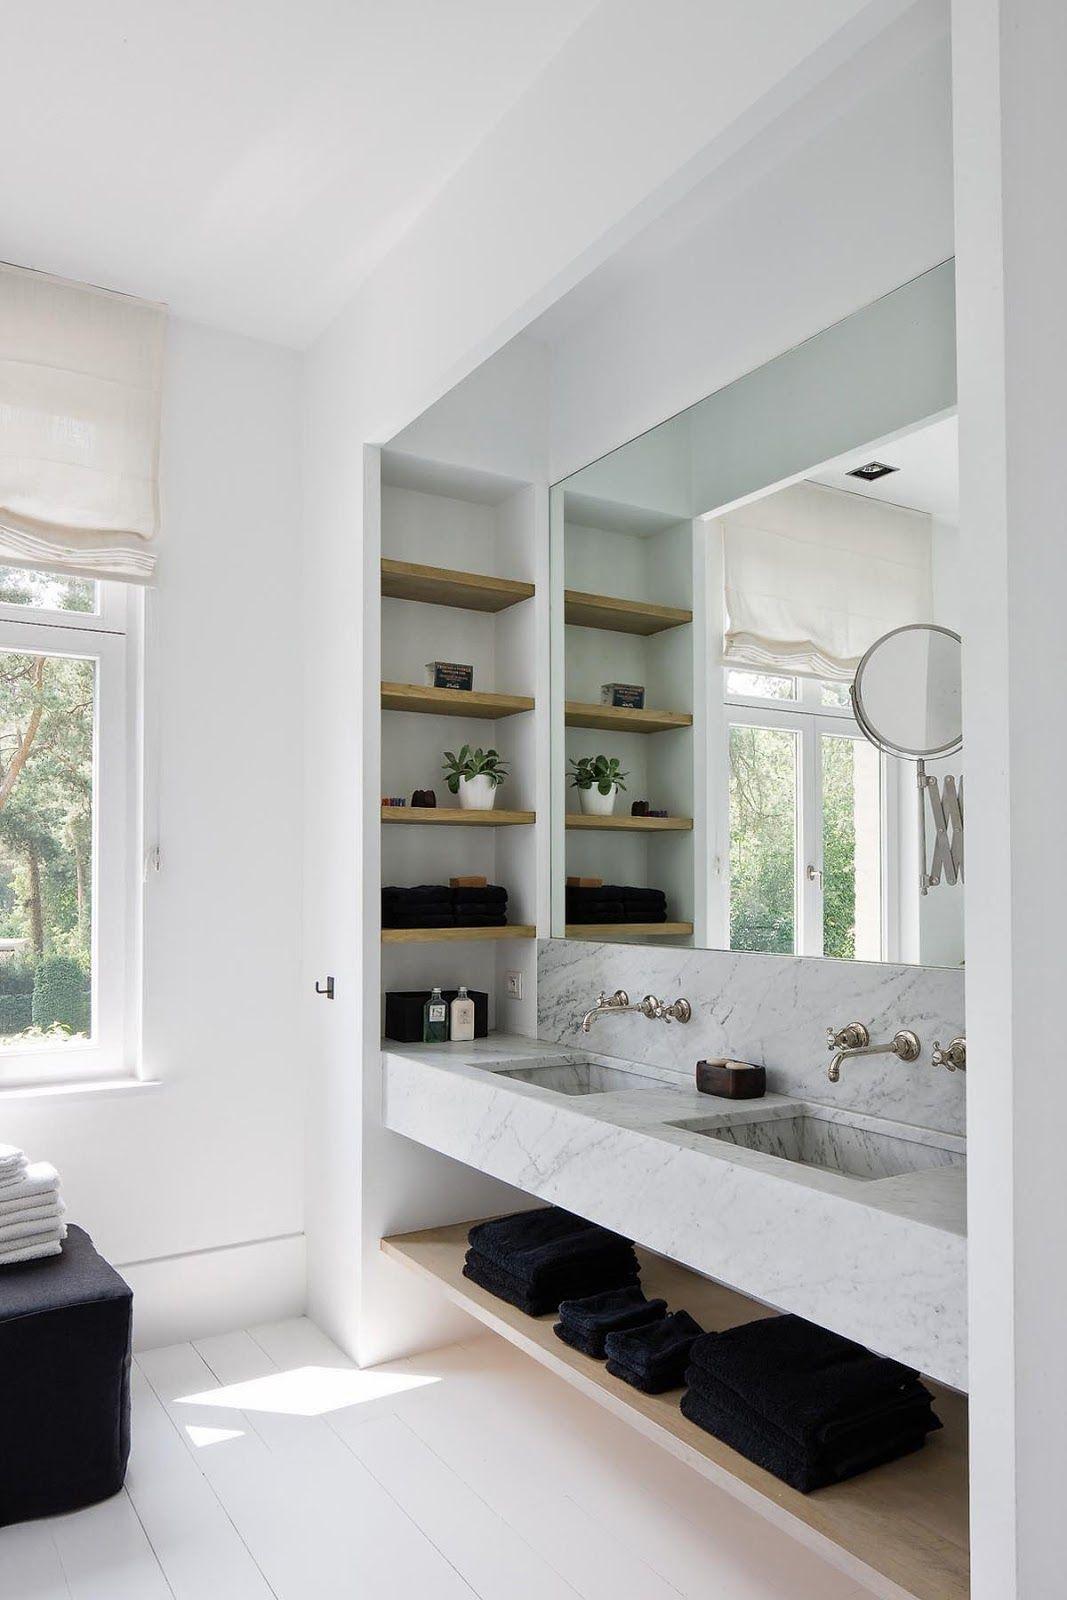 Modernes badezimmerdekor 2018 quartz fabrication  badezimmer  pinterest  badezimmer bad und